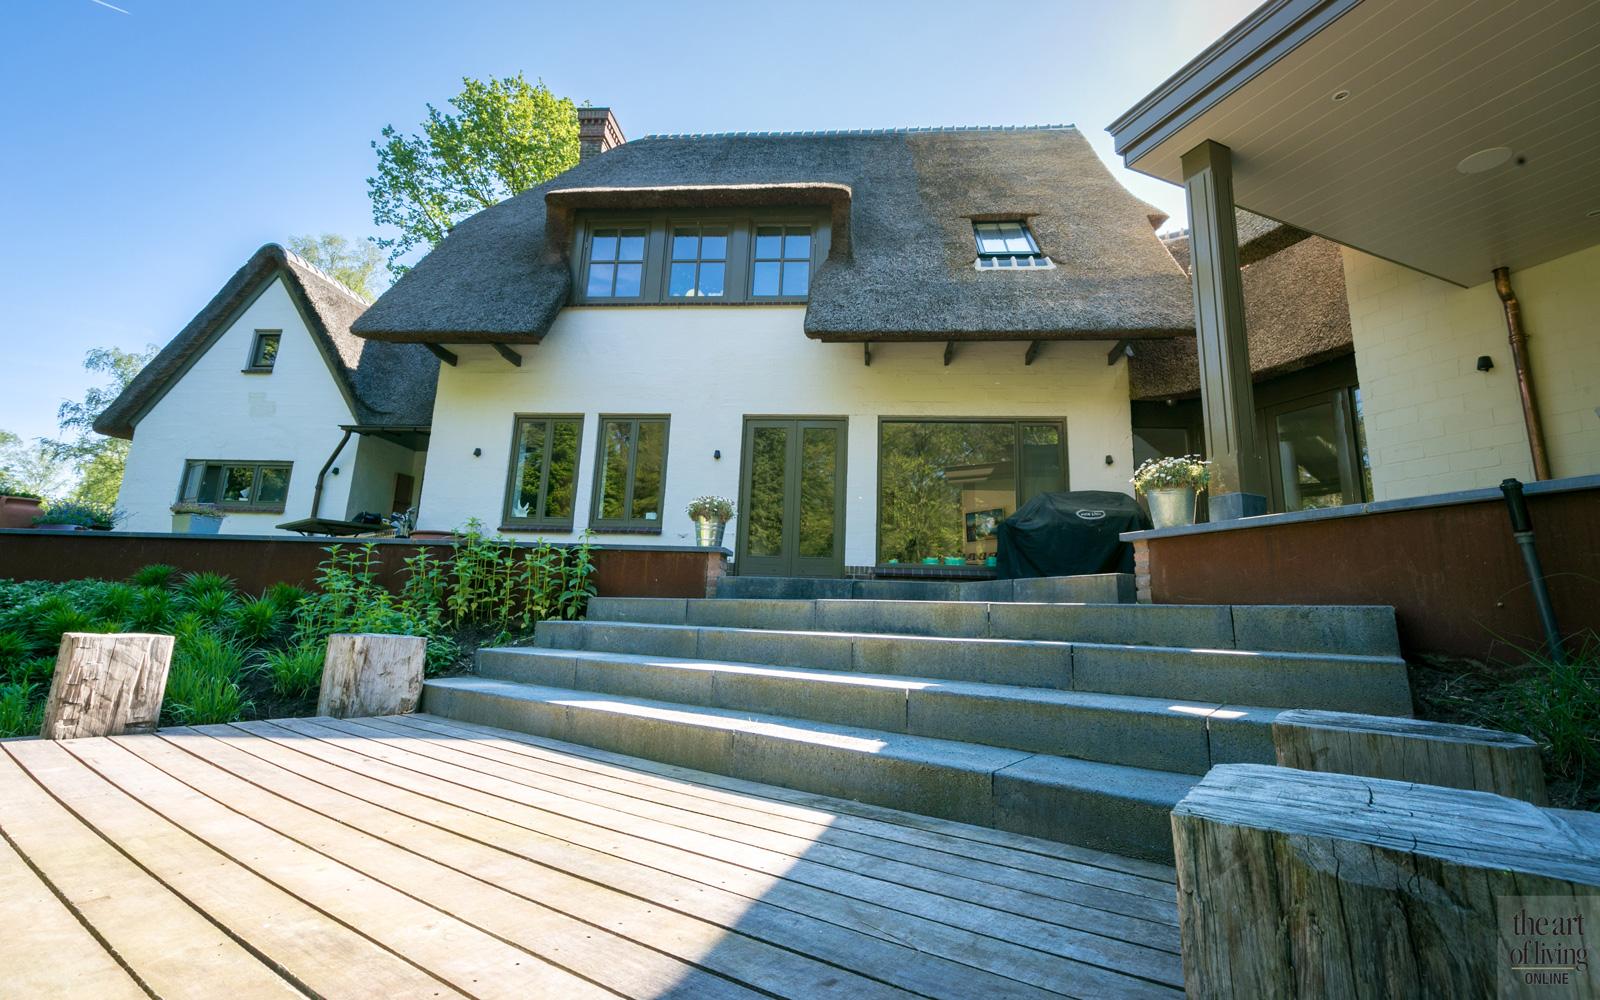 Renovatie, Villa, Klassiek, Authentiek, Boerderij stijl, Margry Arts Architecten